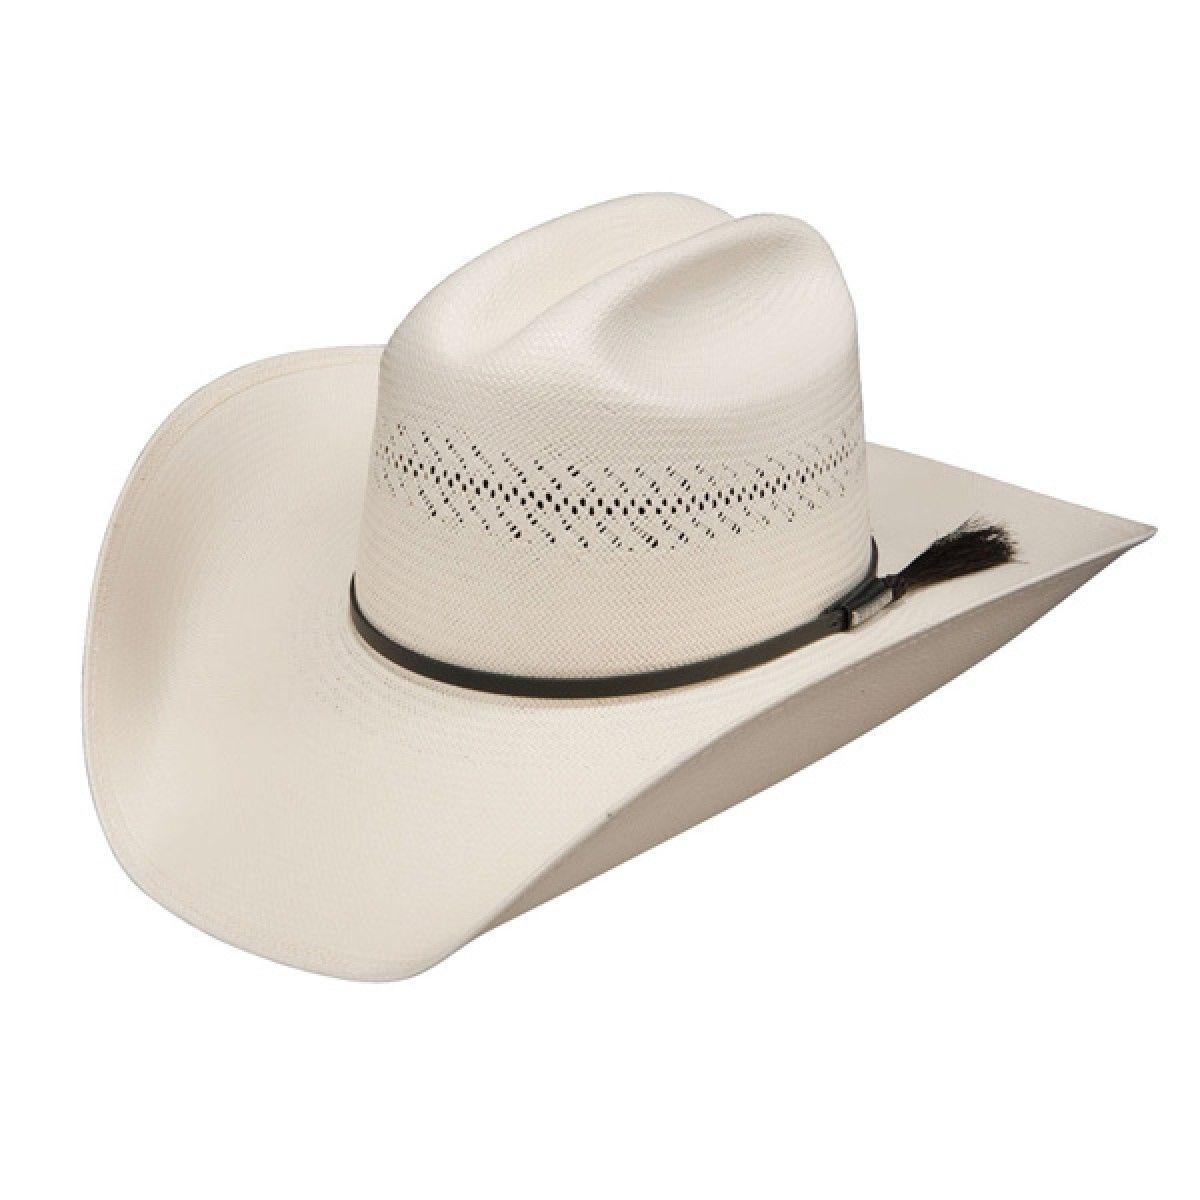 Stetson Rankin - (10X) Straw Cowboy Hat  18409d2c2568